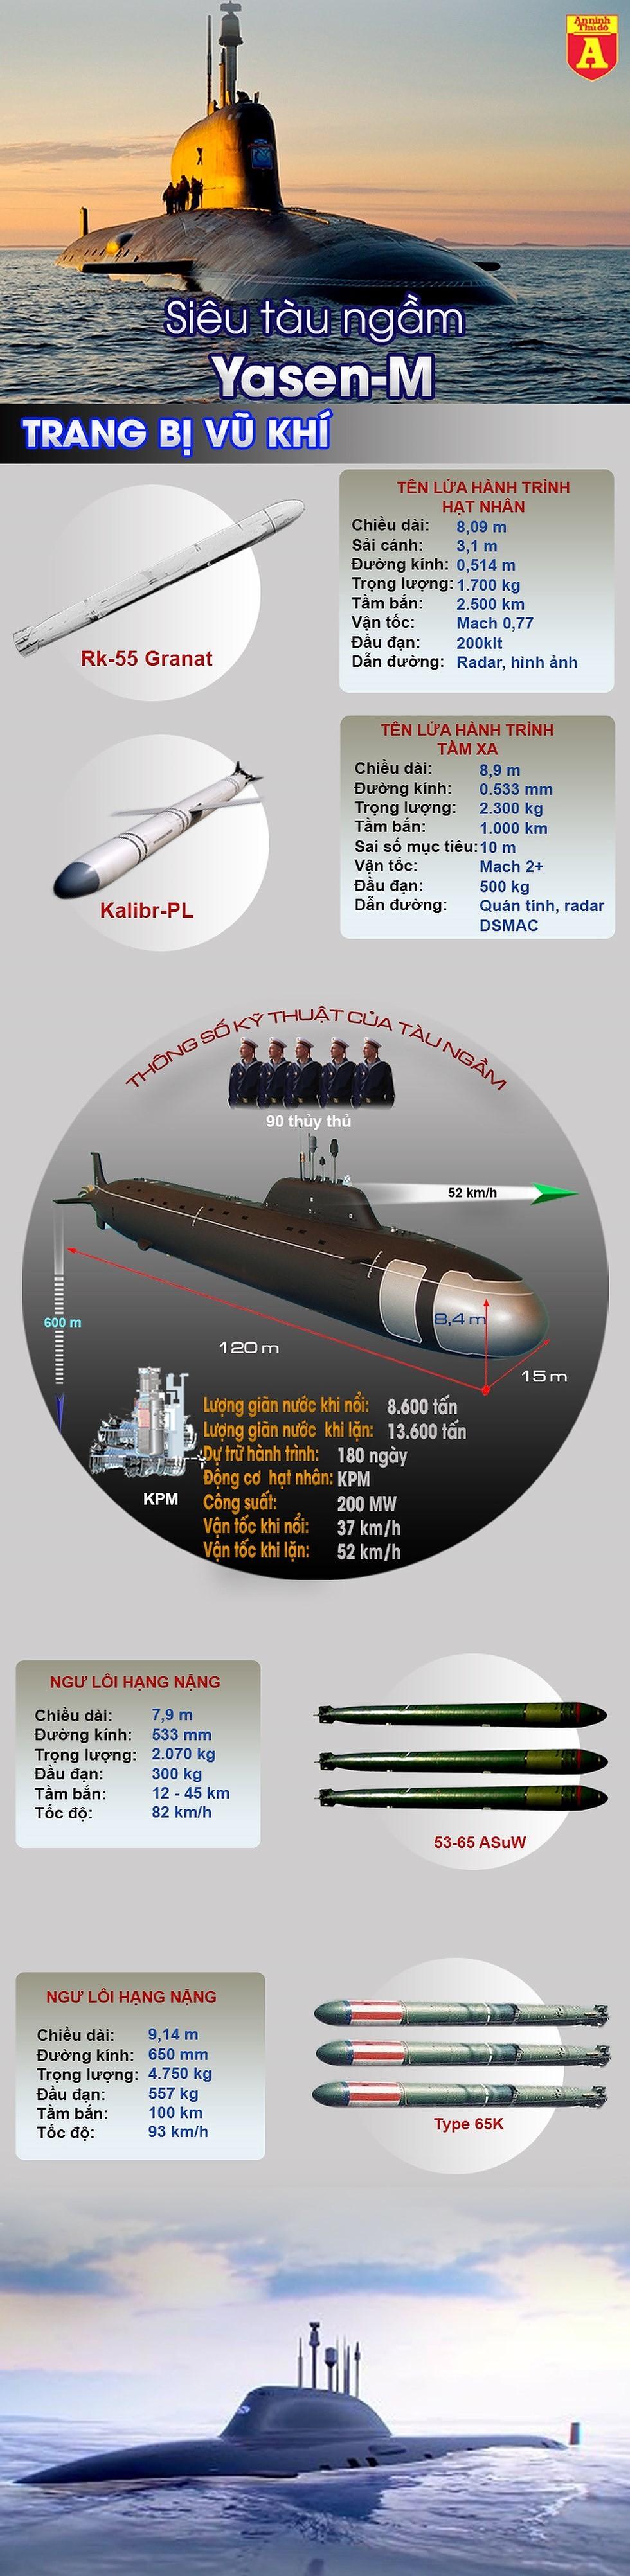 """[Info] Siêu tàu ngầm Yasen-M lỗi nặng, cú """"knock out"""" vào sức mạnh Nga trên đại dương ảnh 2"""